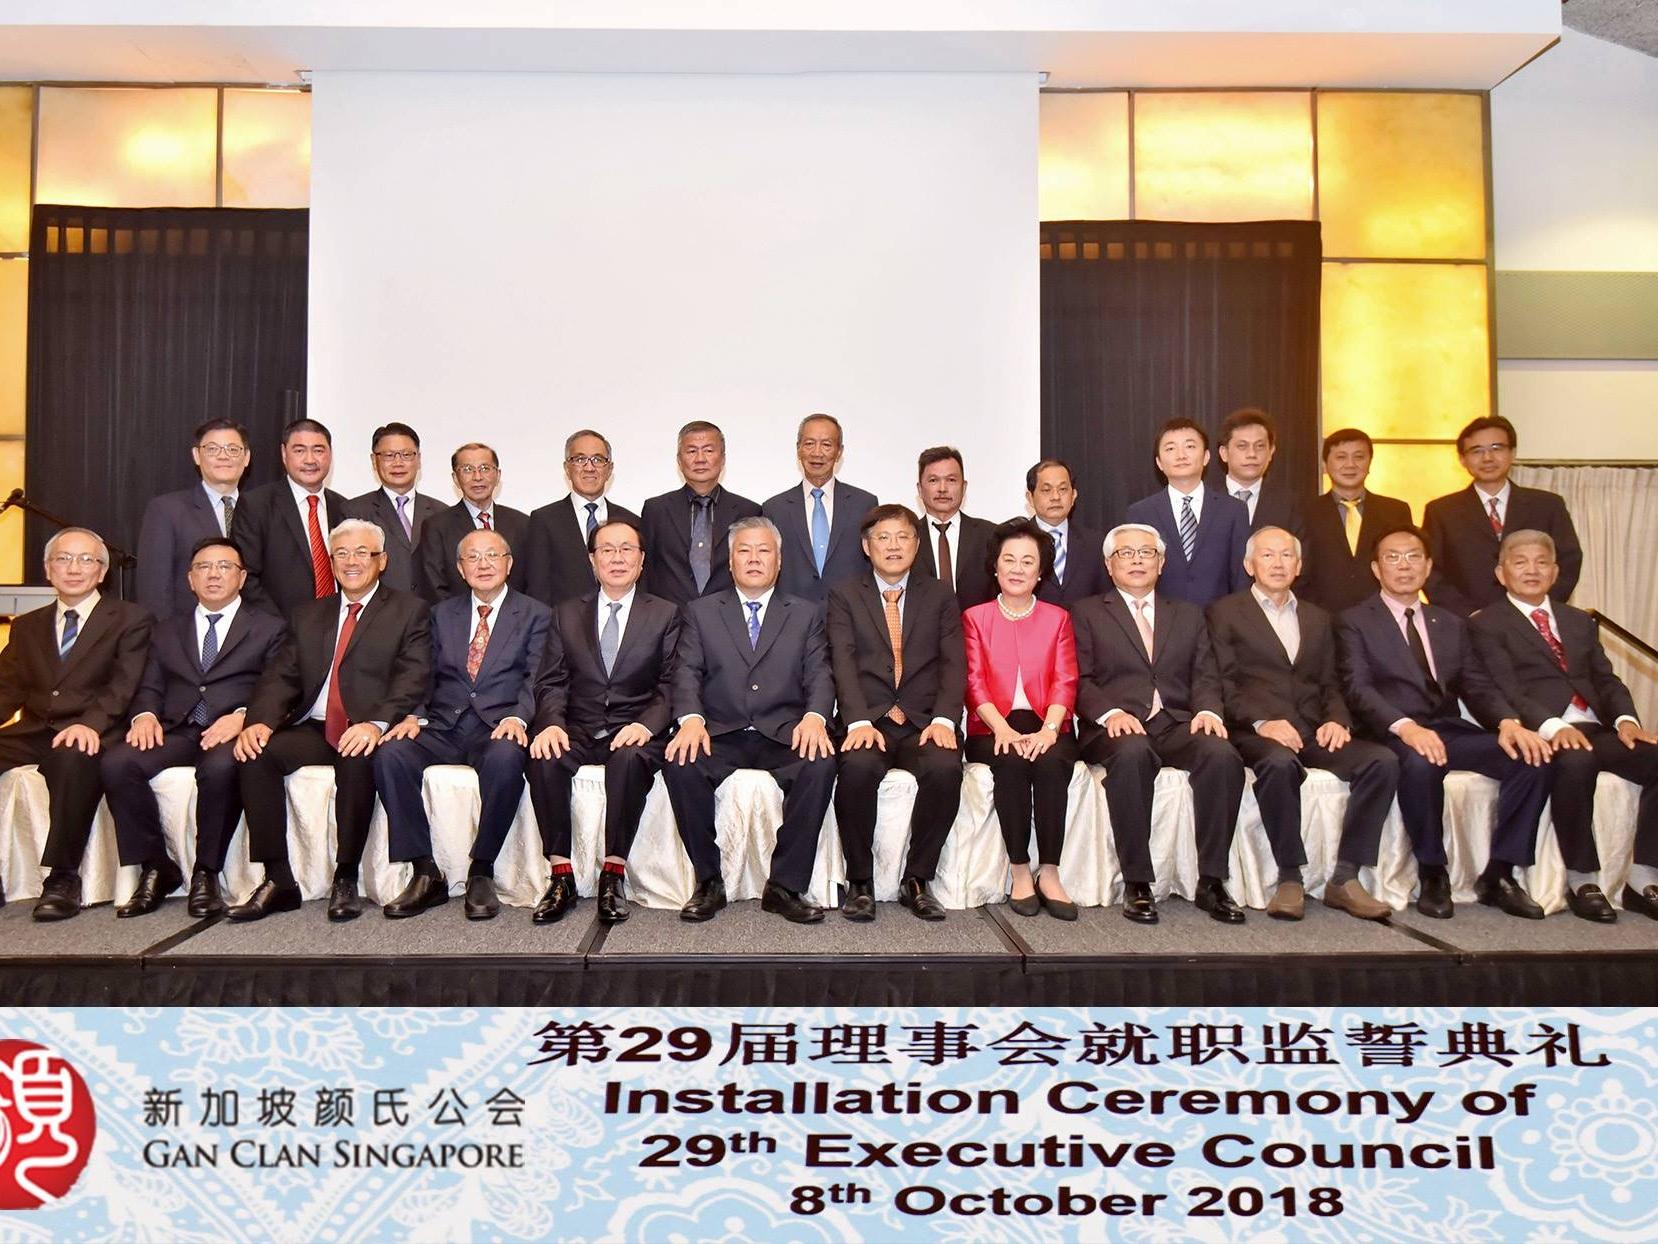 The 29th Executive Council of Gan Clan